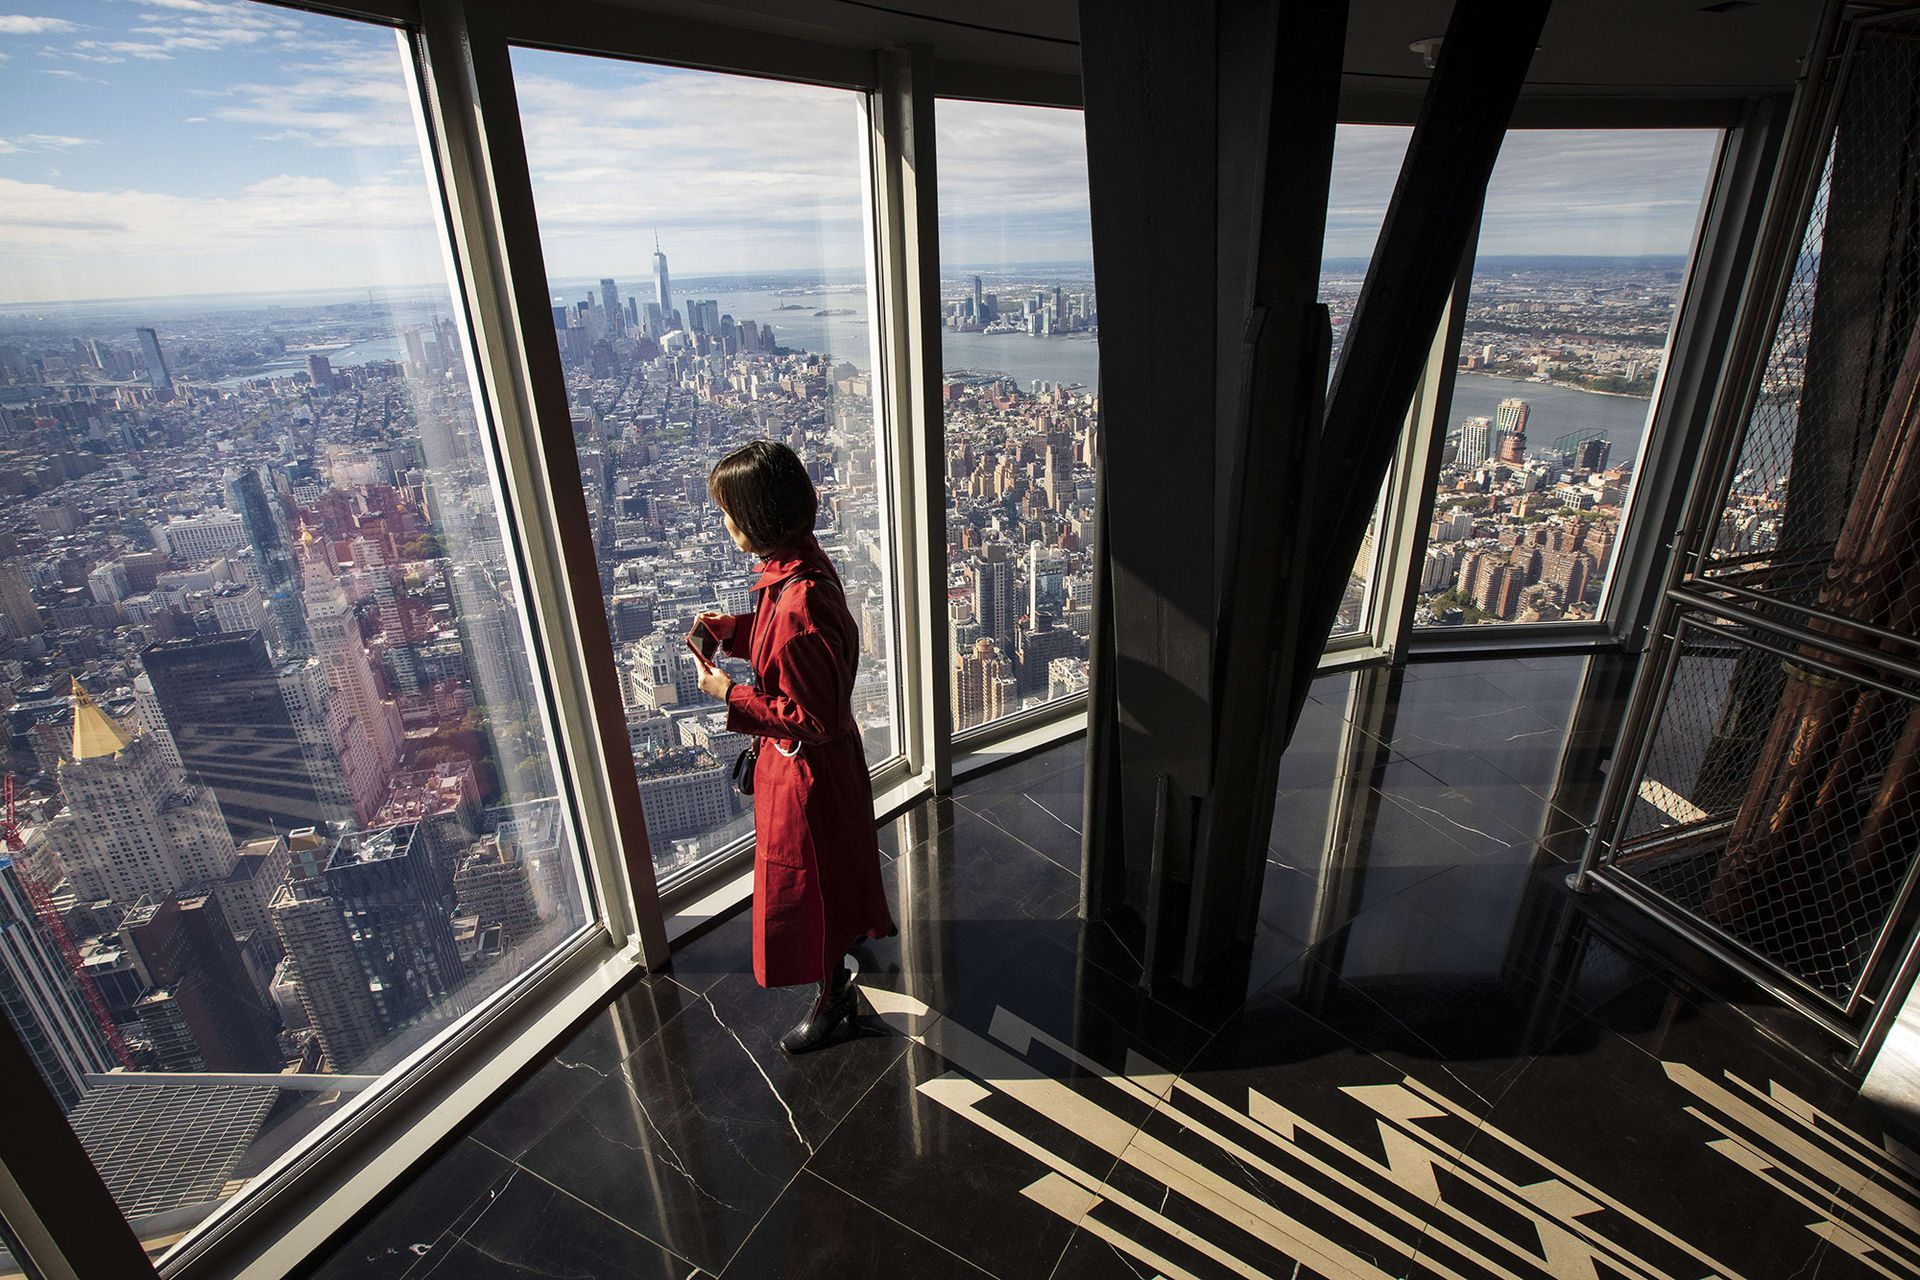 Los grandes ventanales ofrecen una vista única de New York